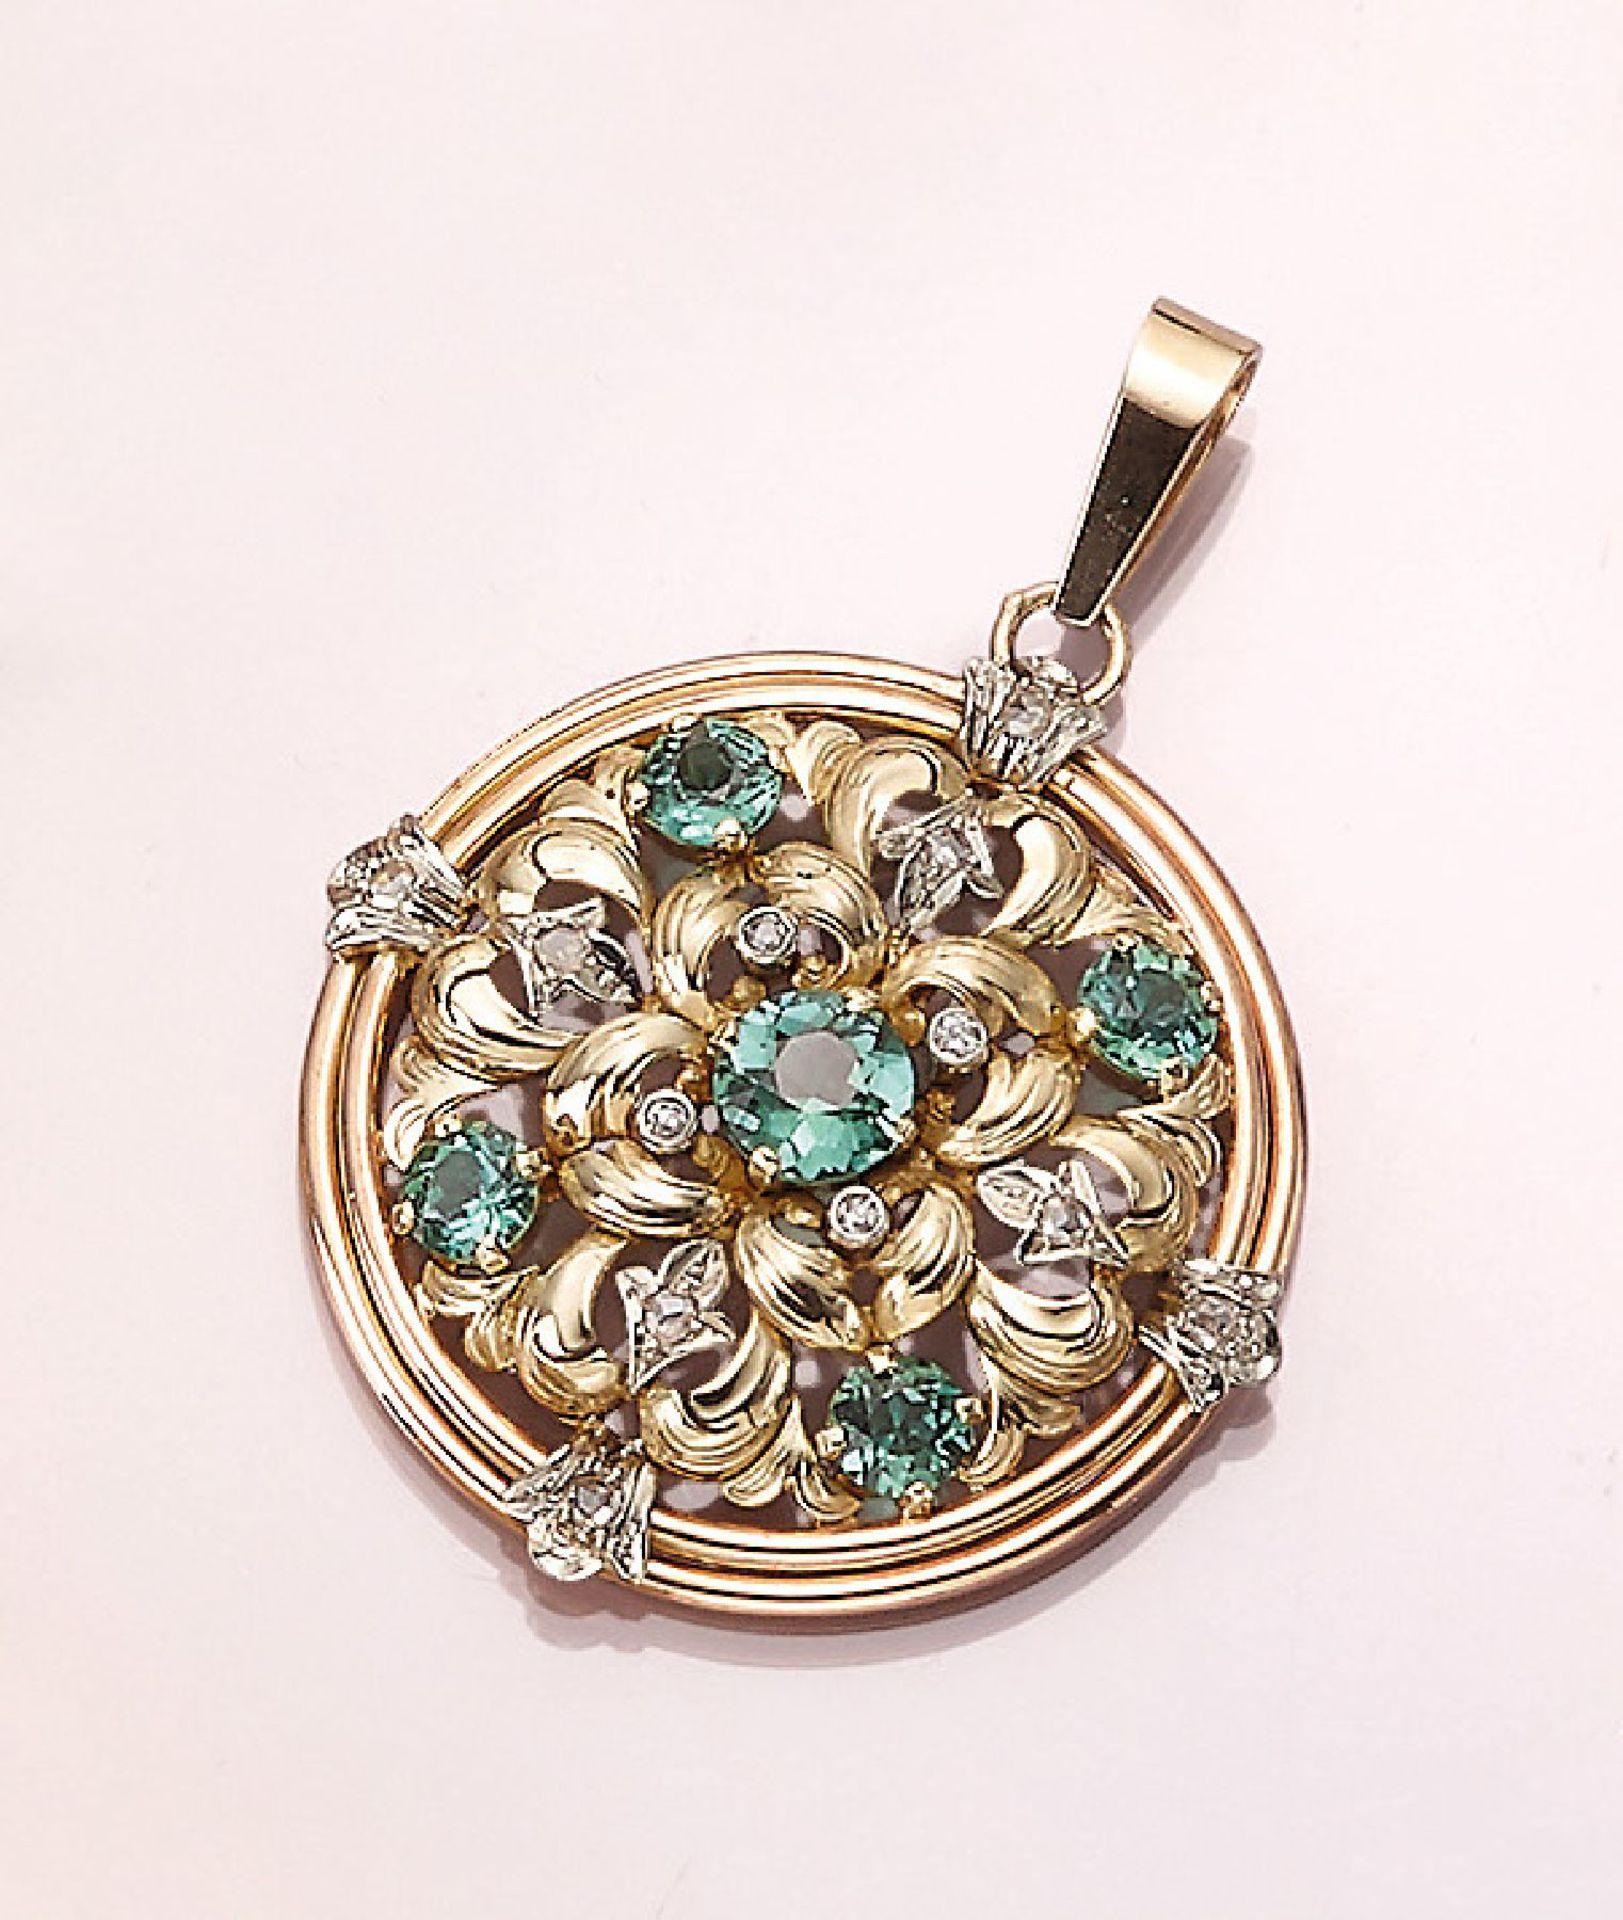 Los 21519 - 14 kt Gold Anhänger mit Turmalinen und Diamanten, GG/WG/RoseG 585/000, florale Gestaltung, 5 rund